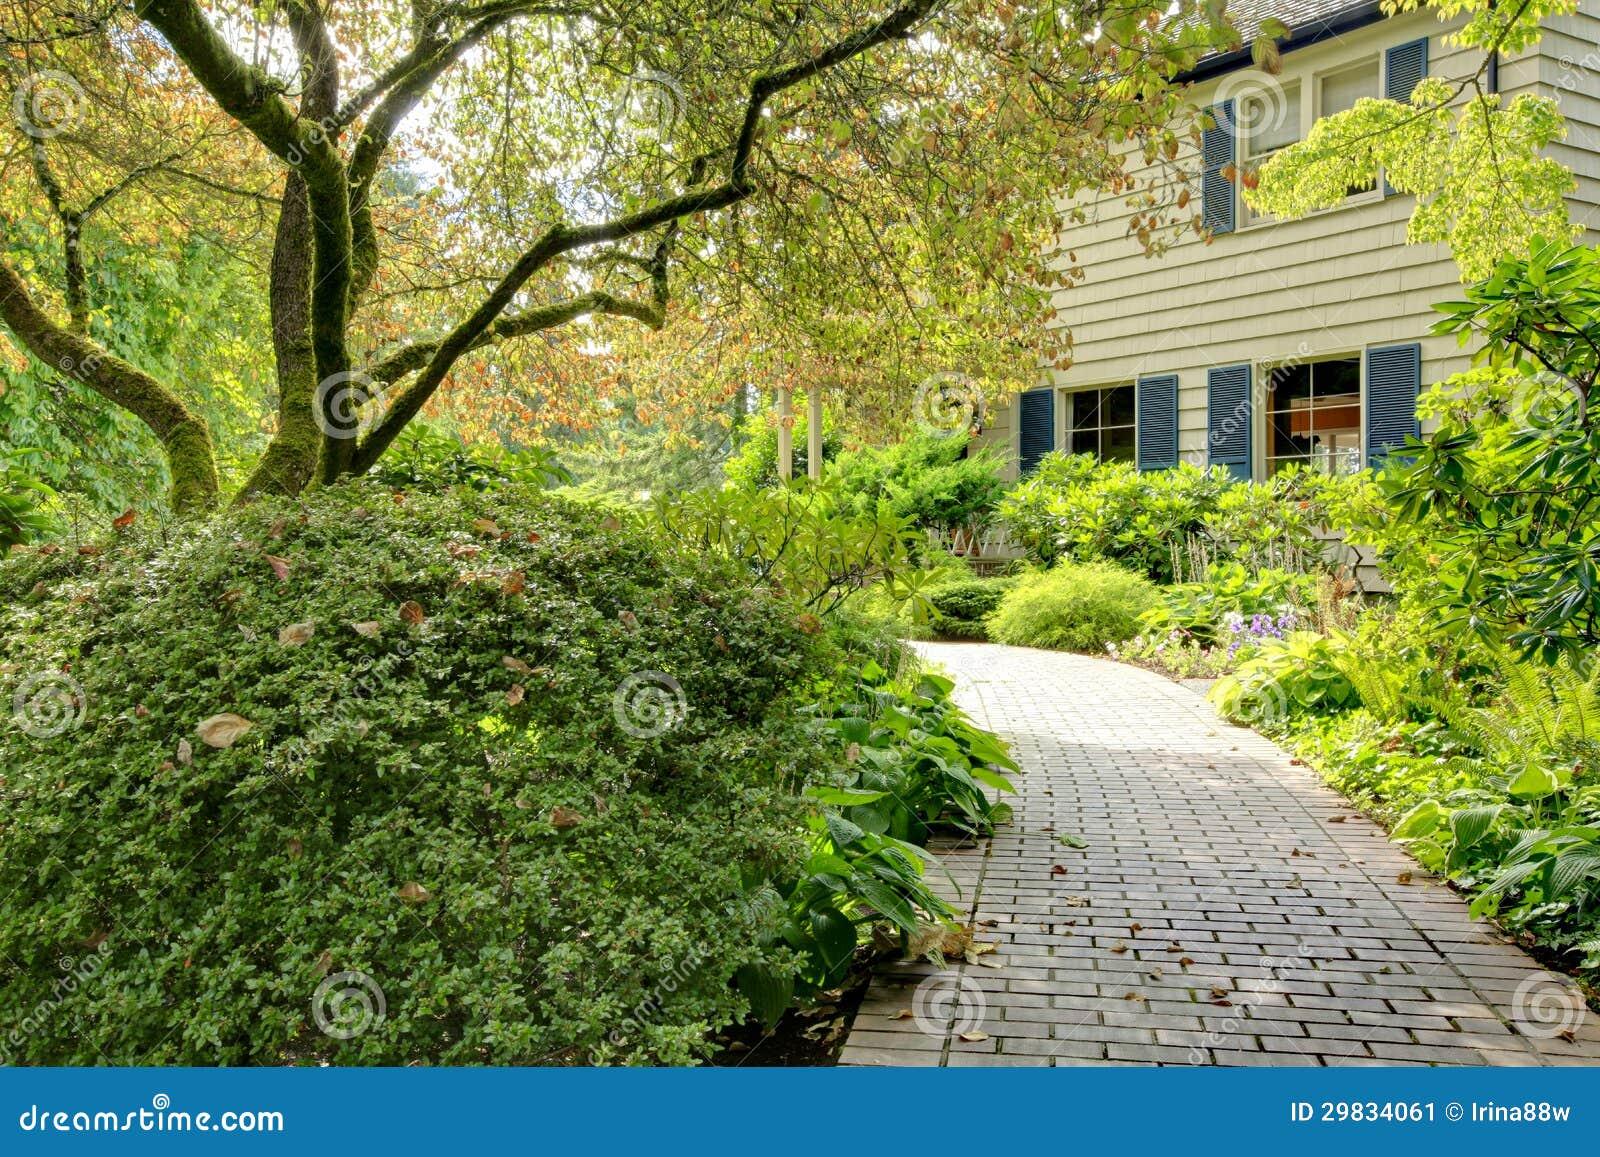 Grande casa marrom exterior com jardim do verão.